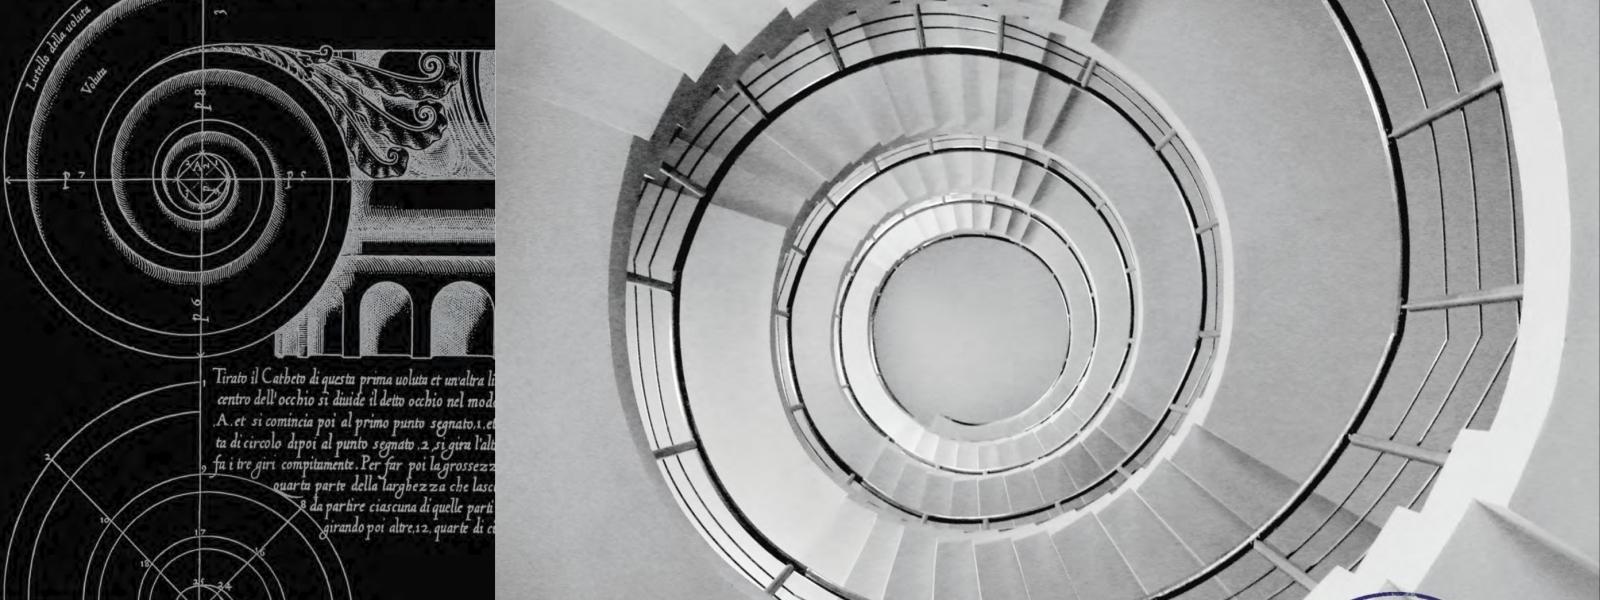 work-Каталог творческих работ архитектора Хусаинова Сакена Шайхислямовича